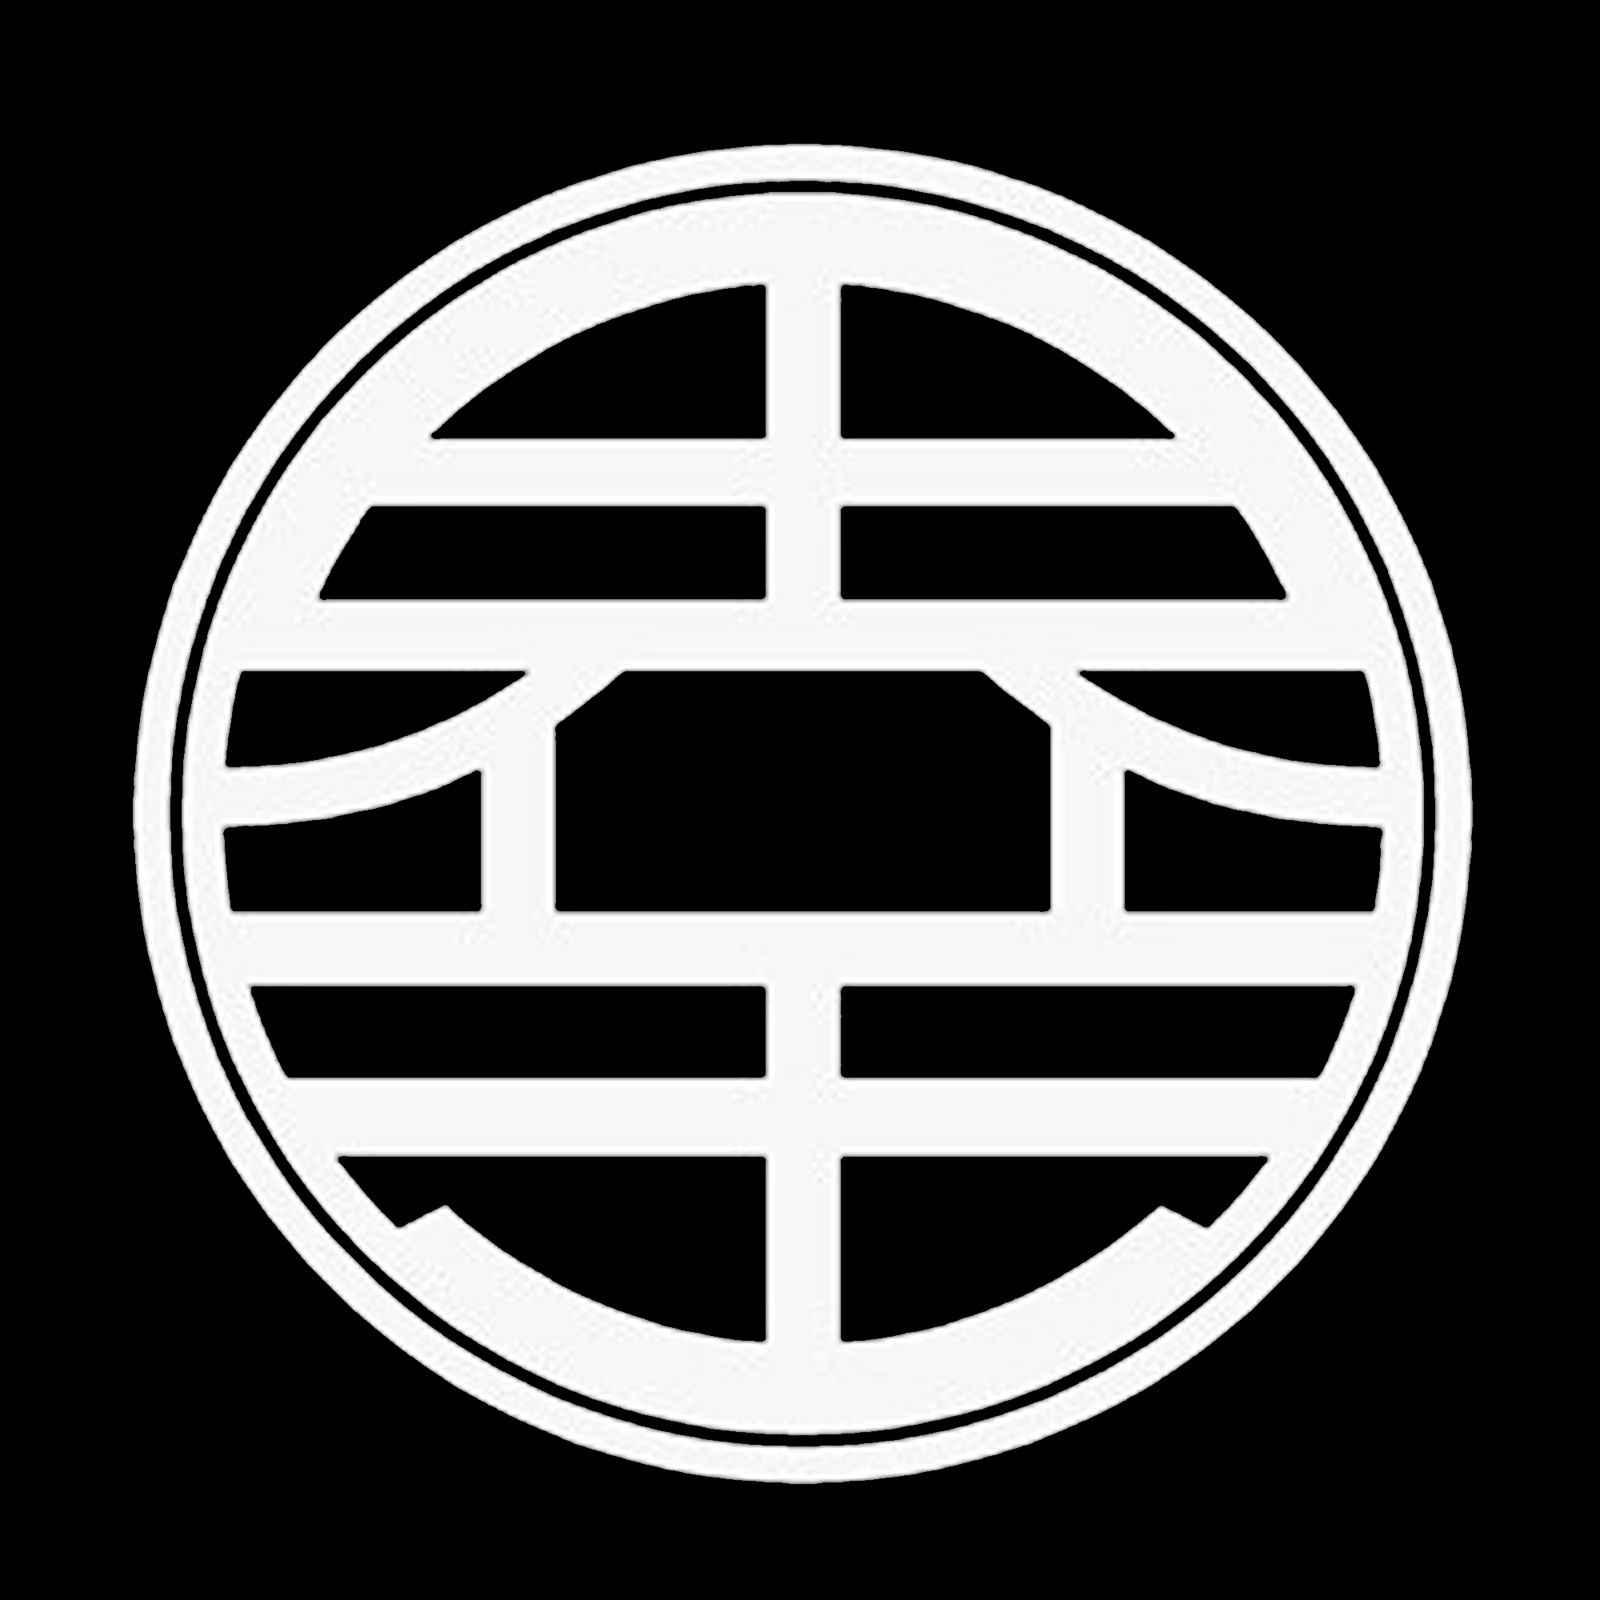 Король Кай логотип Dragon Ball Z DBZ аниме футболка Гоку Гохан боевых искусств Бесплатная доставка Harajuku топы Футболка